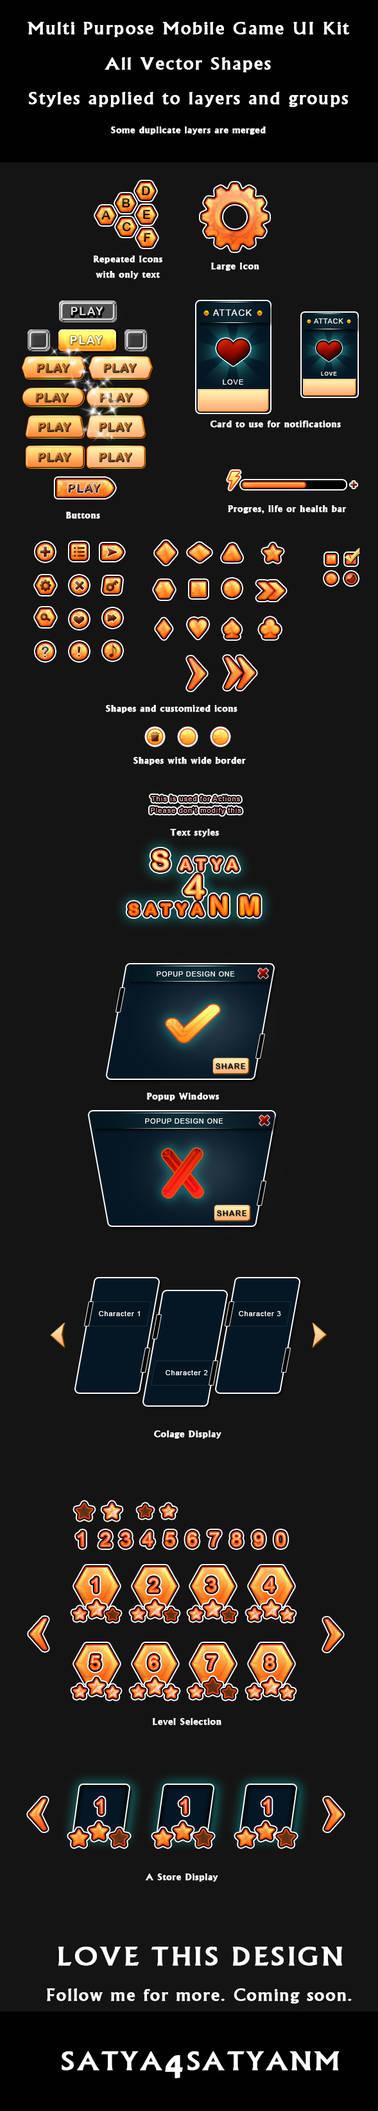 Multi purpose Mobile game UI kit by satya4satyanm on DeviantArt